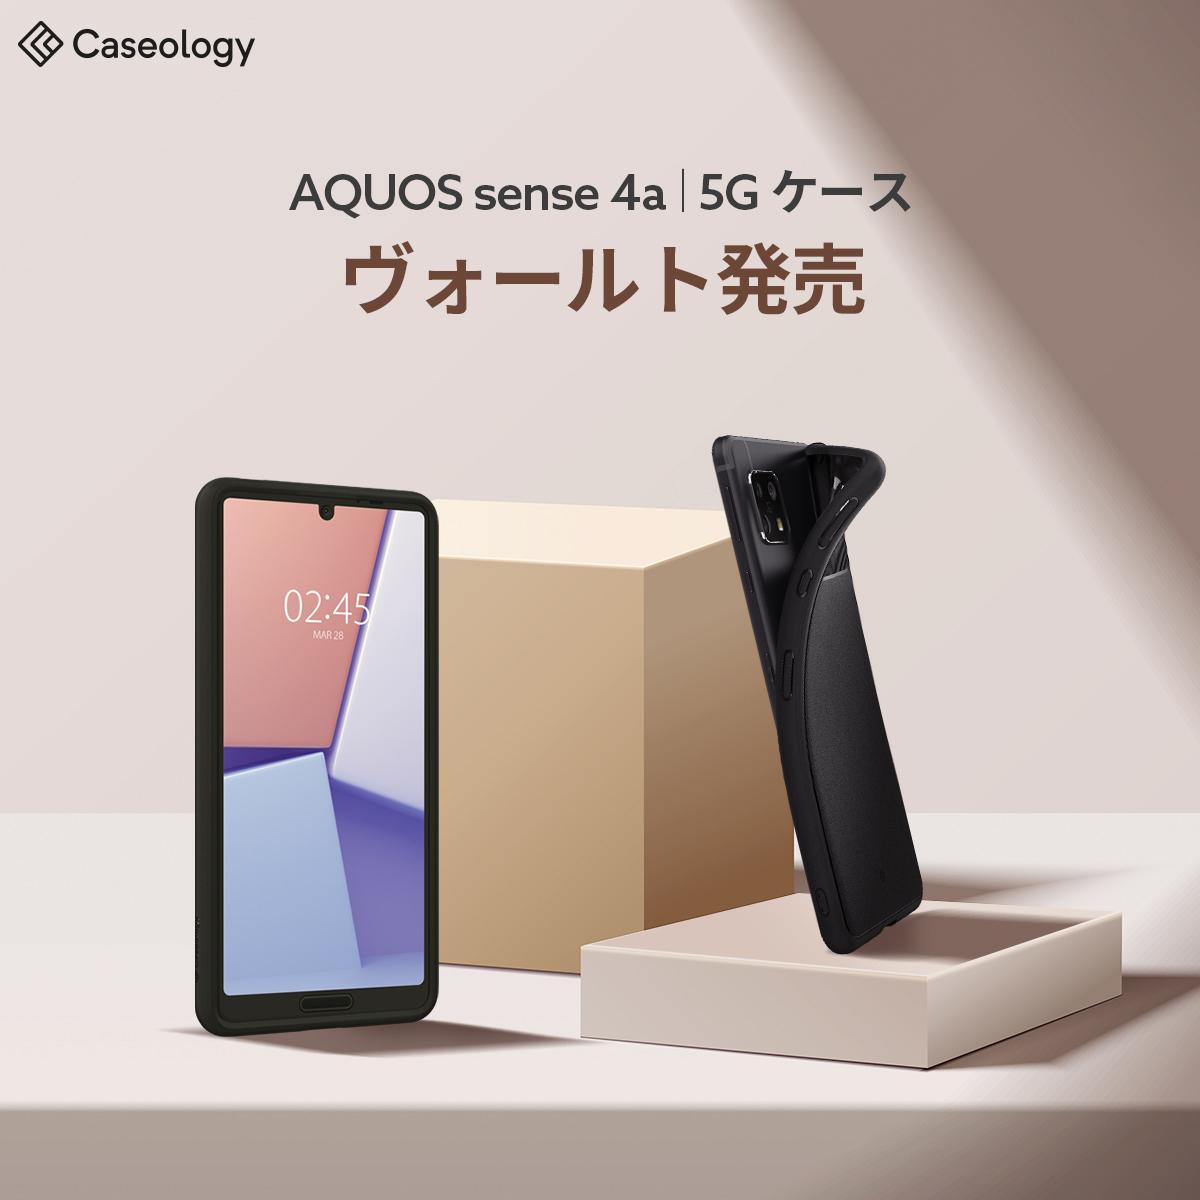 Caseology 202101 08